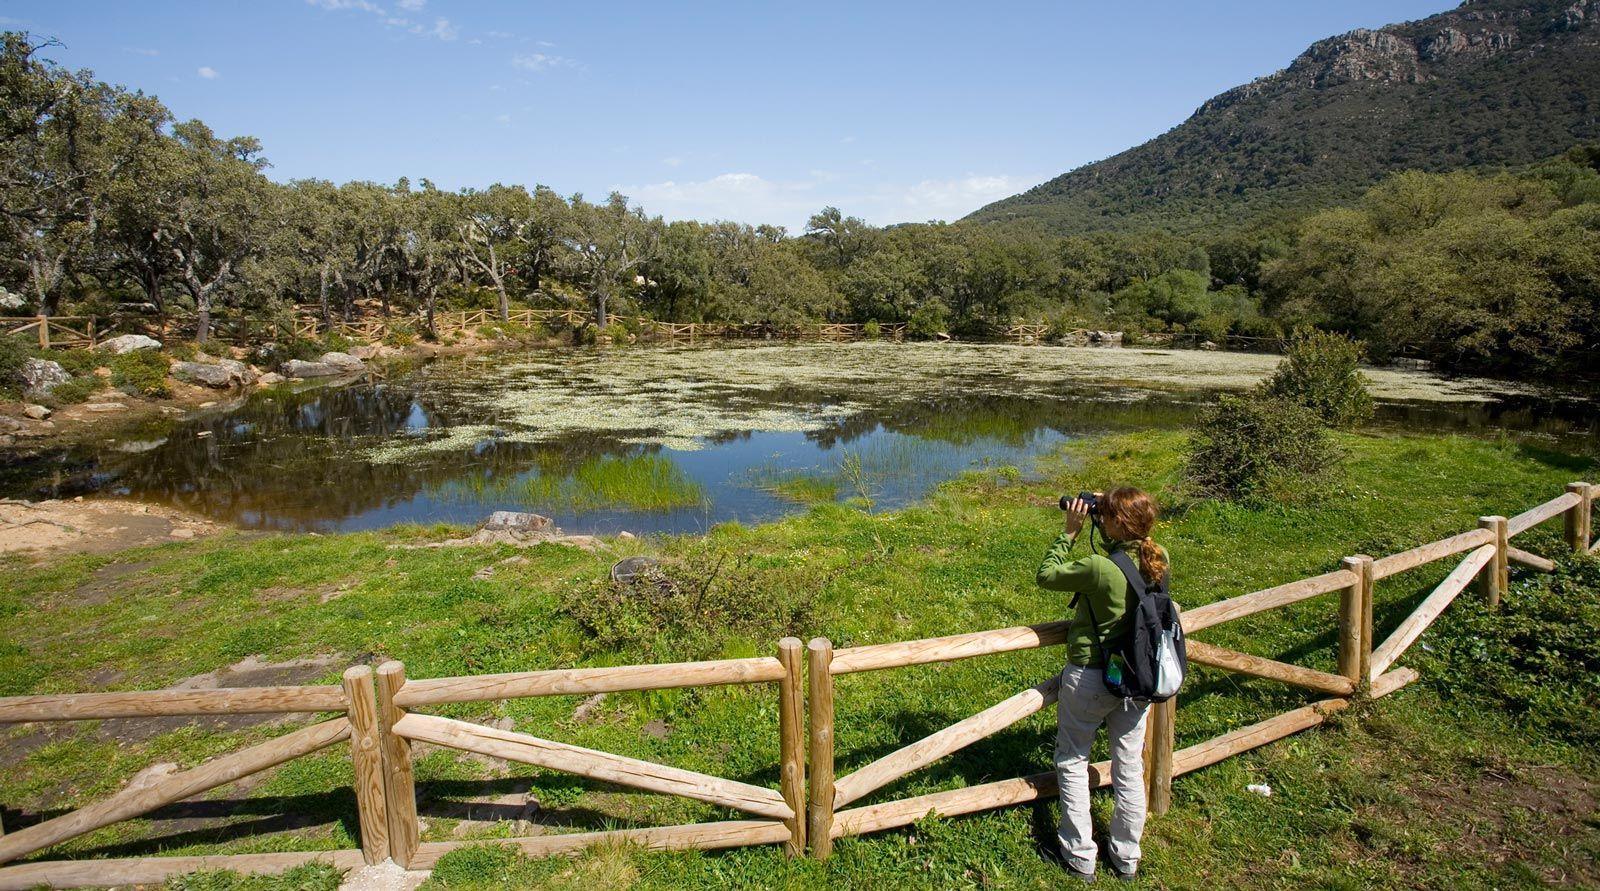 ecoturismo en andalucia, rutas en parque alcornocales, viajes mujeres andalucia